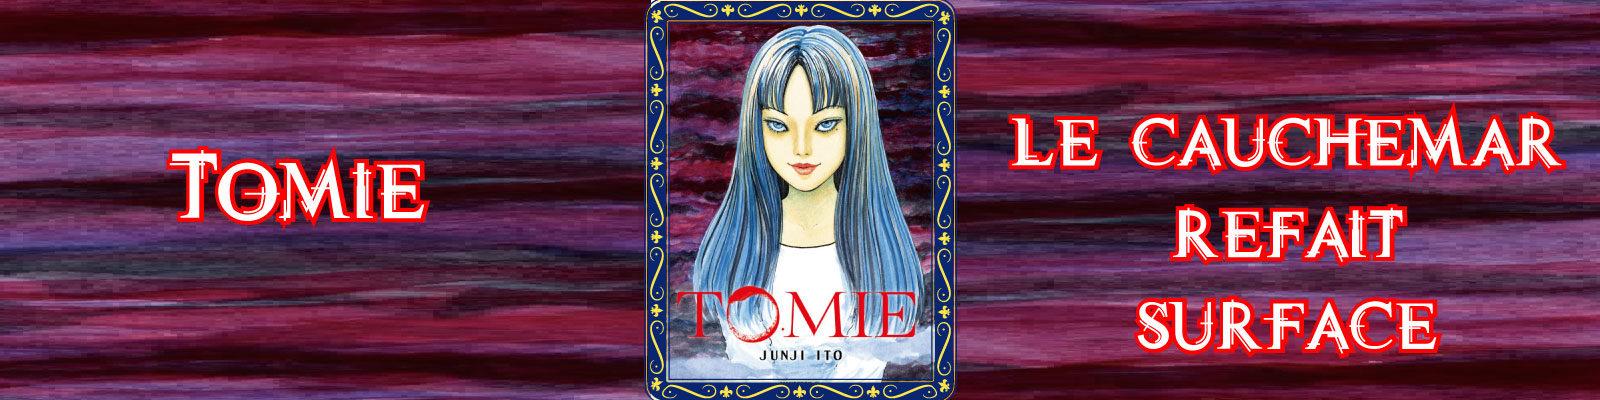 Tomie-Vol.-1-2